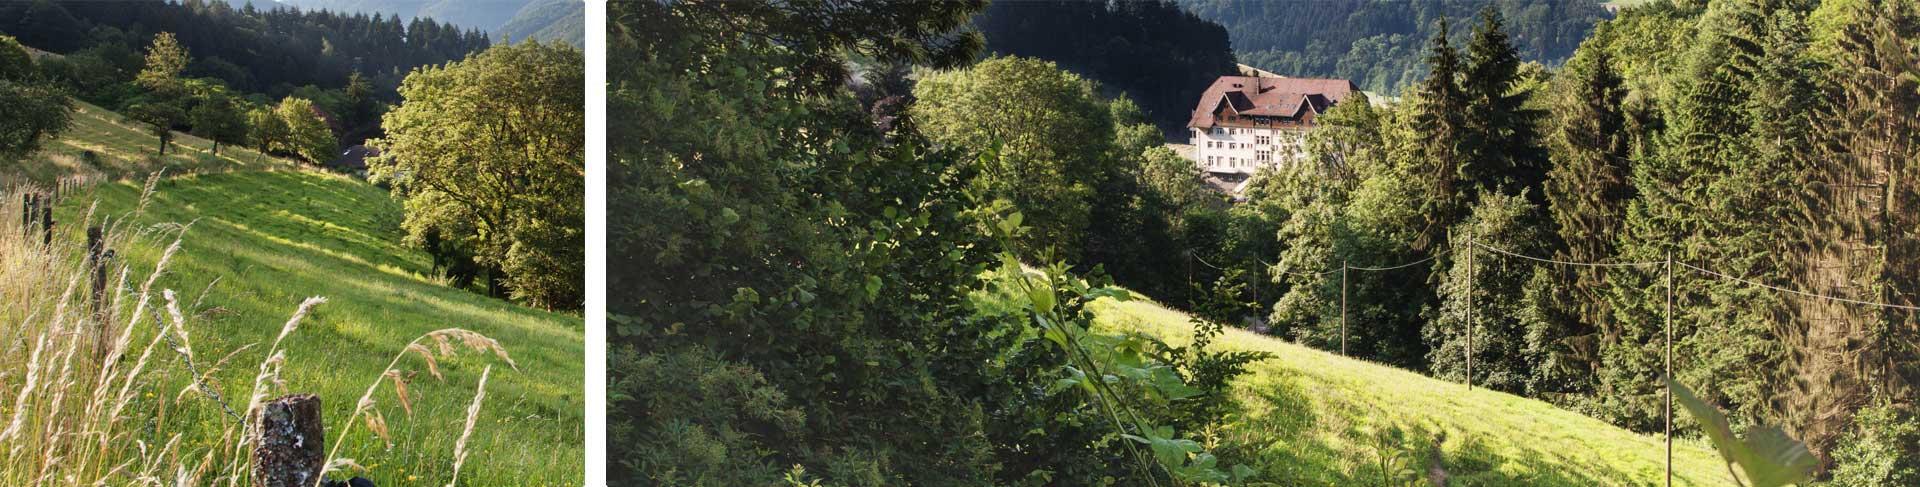 Entdecken Sie Glottertal und die weltberühmte Schwarzwaldklinik bei einer Wanderung